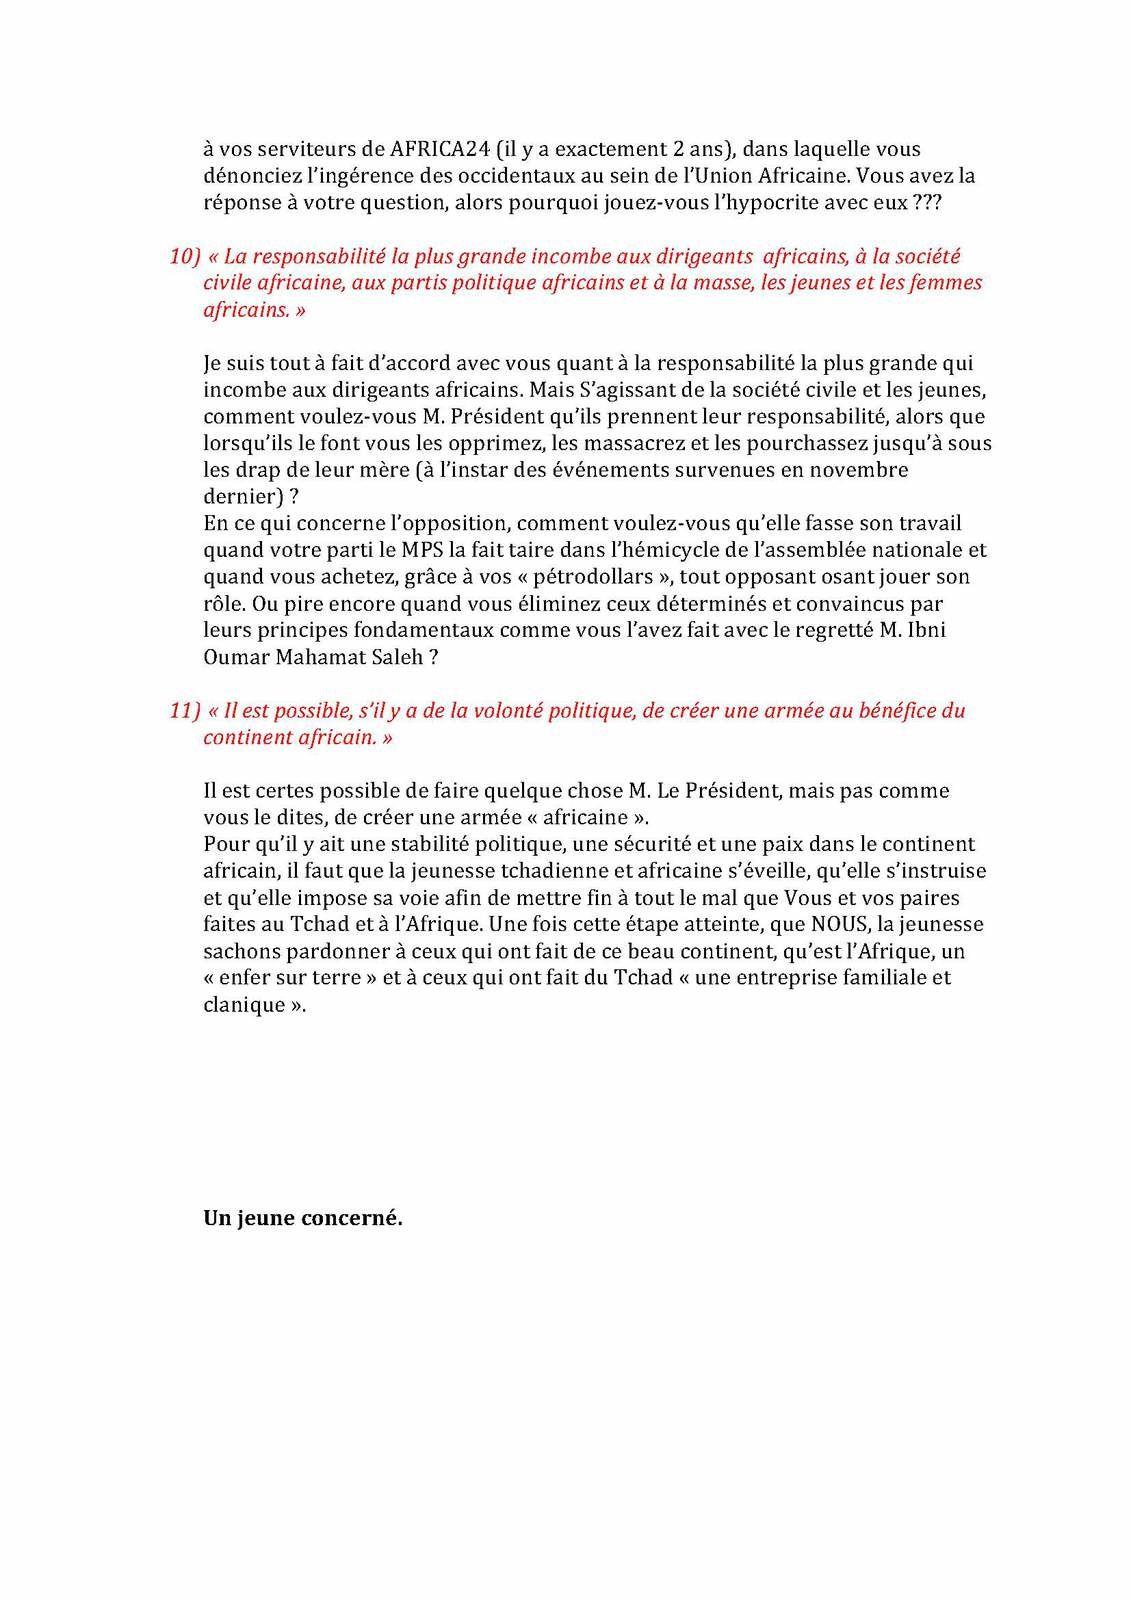 Intervention d'Idriss Deby au Forum de Dakar sur la paix et la sécurité:  décryptage et réaction